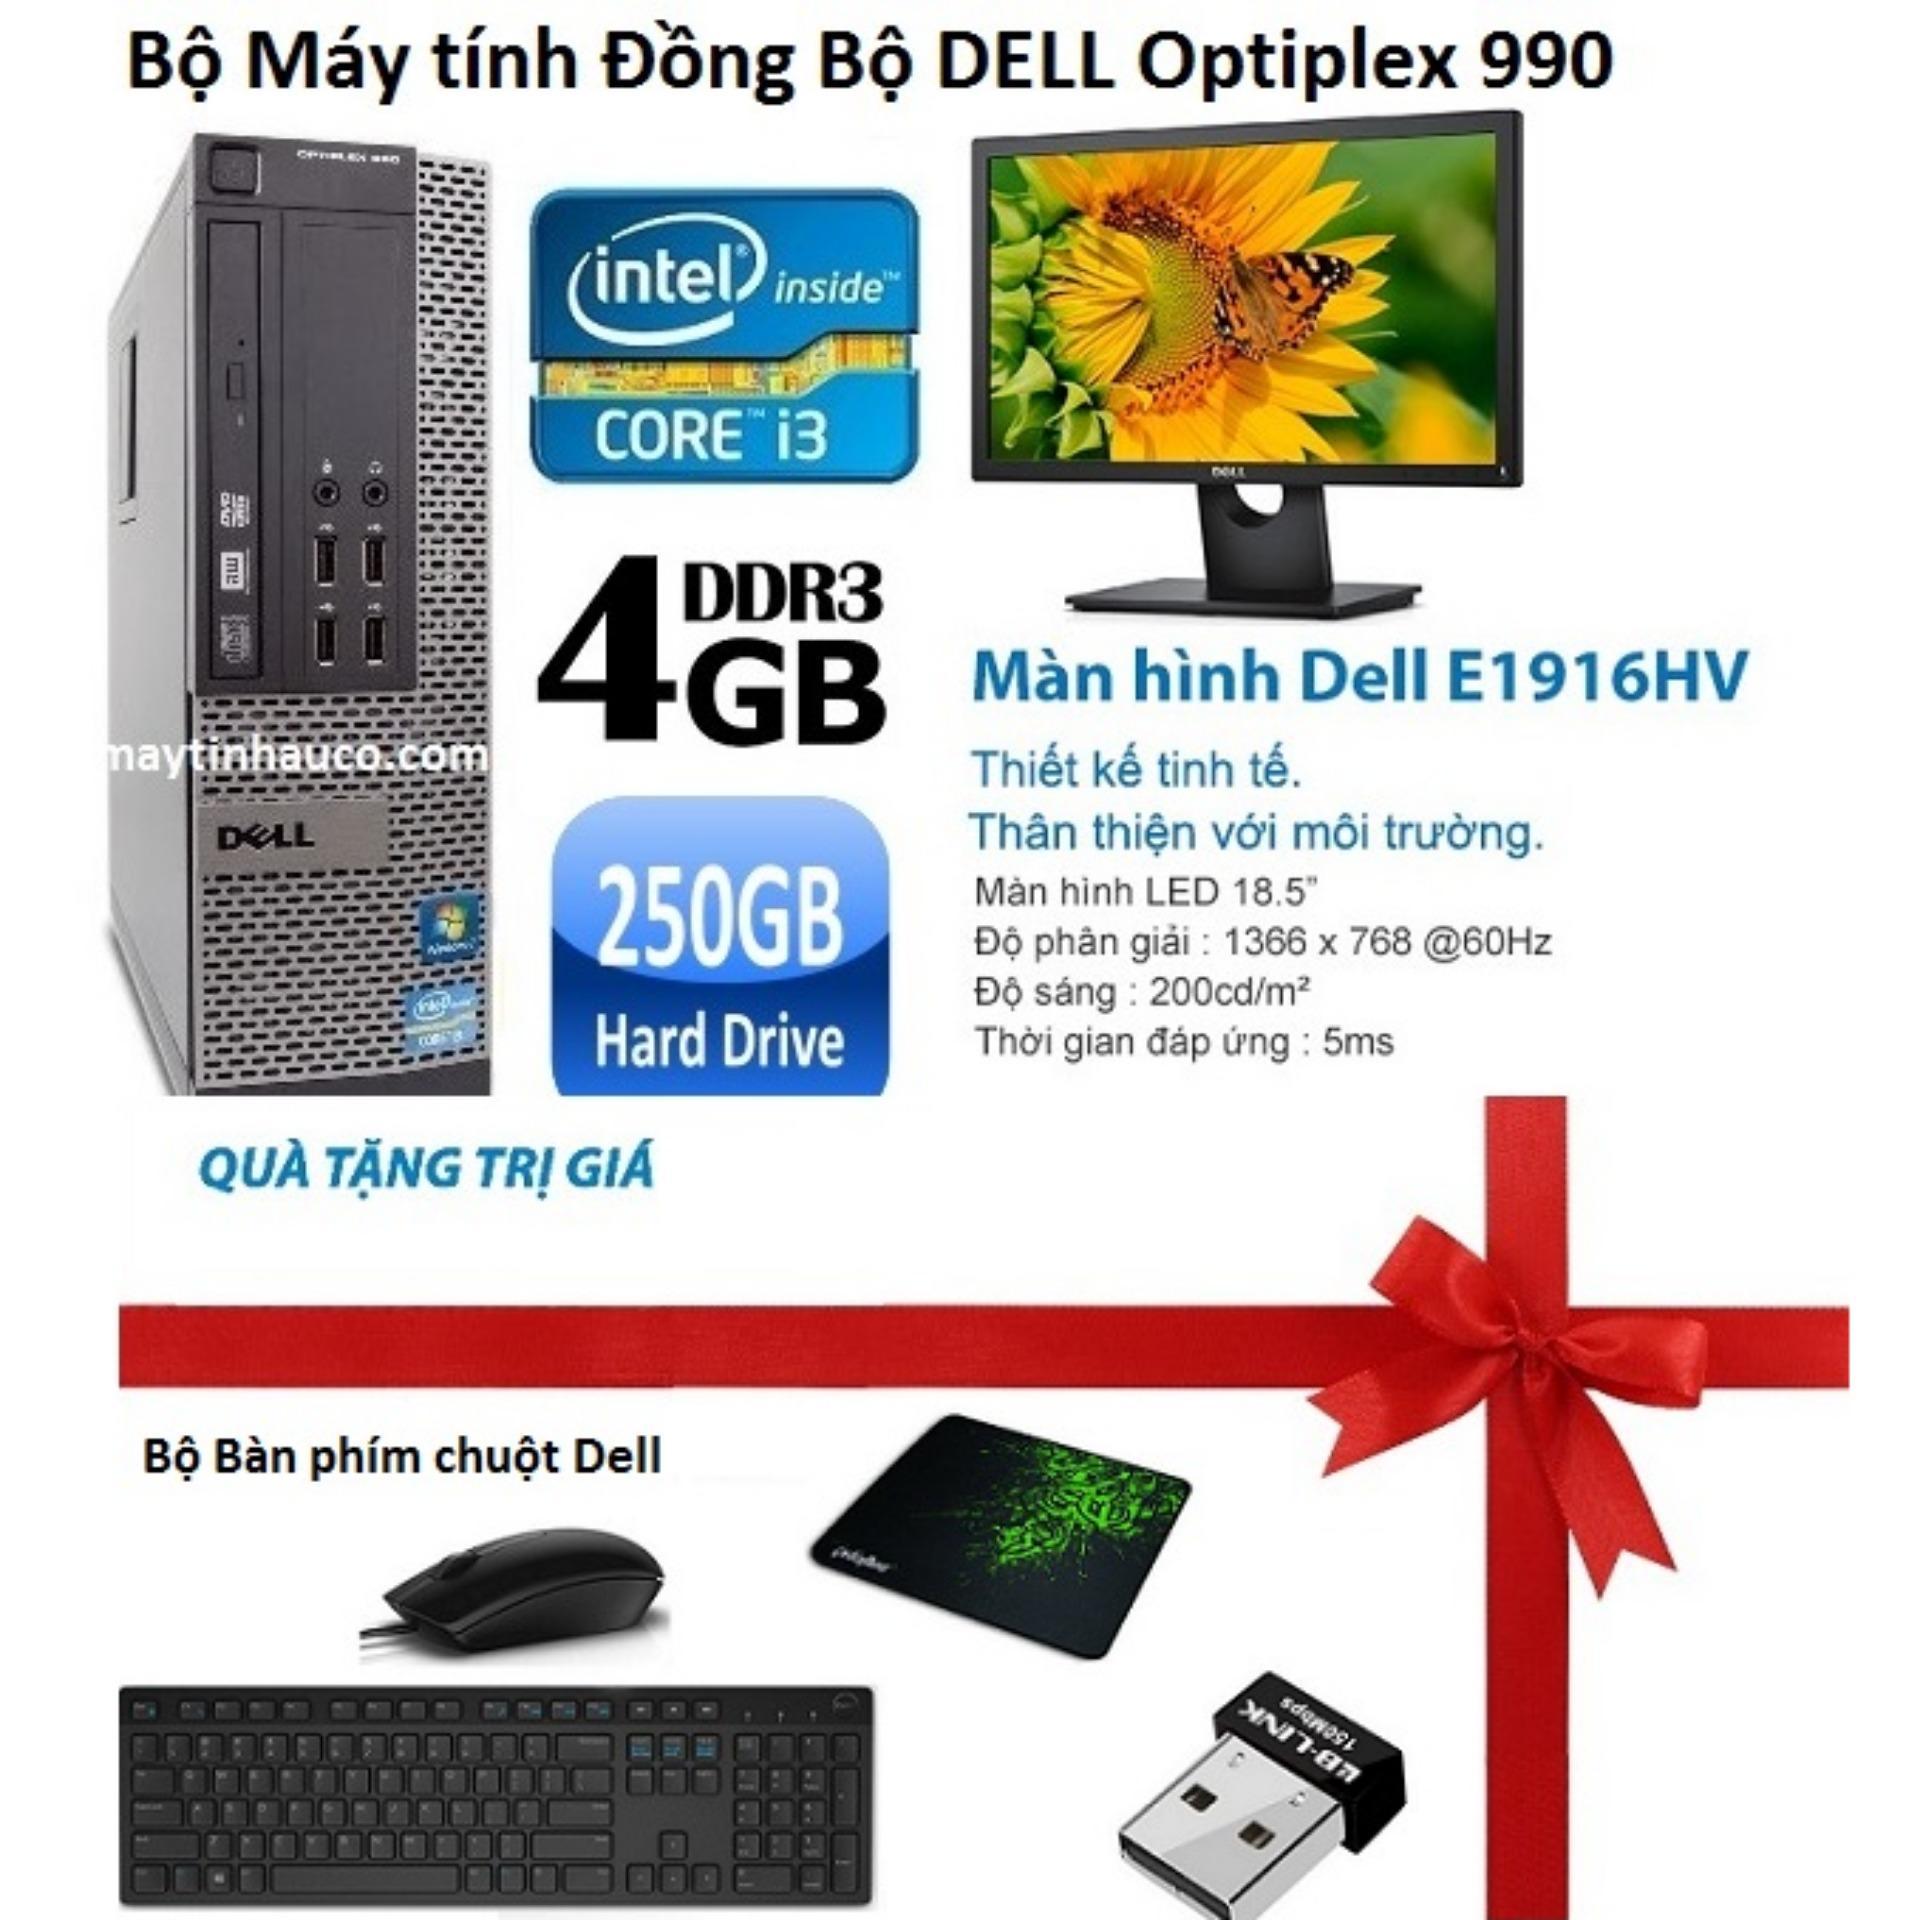 Đồng Bộ Dell Optiplex 990 (Core i3 2100 / 4G / 250G ) , Màn hình Dell 18.5inch Wide Led , Tặng Bàn phím chuột Dell , USB Wifi , Bàn di chuột - Hàng Nhập Khẩu